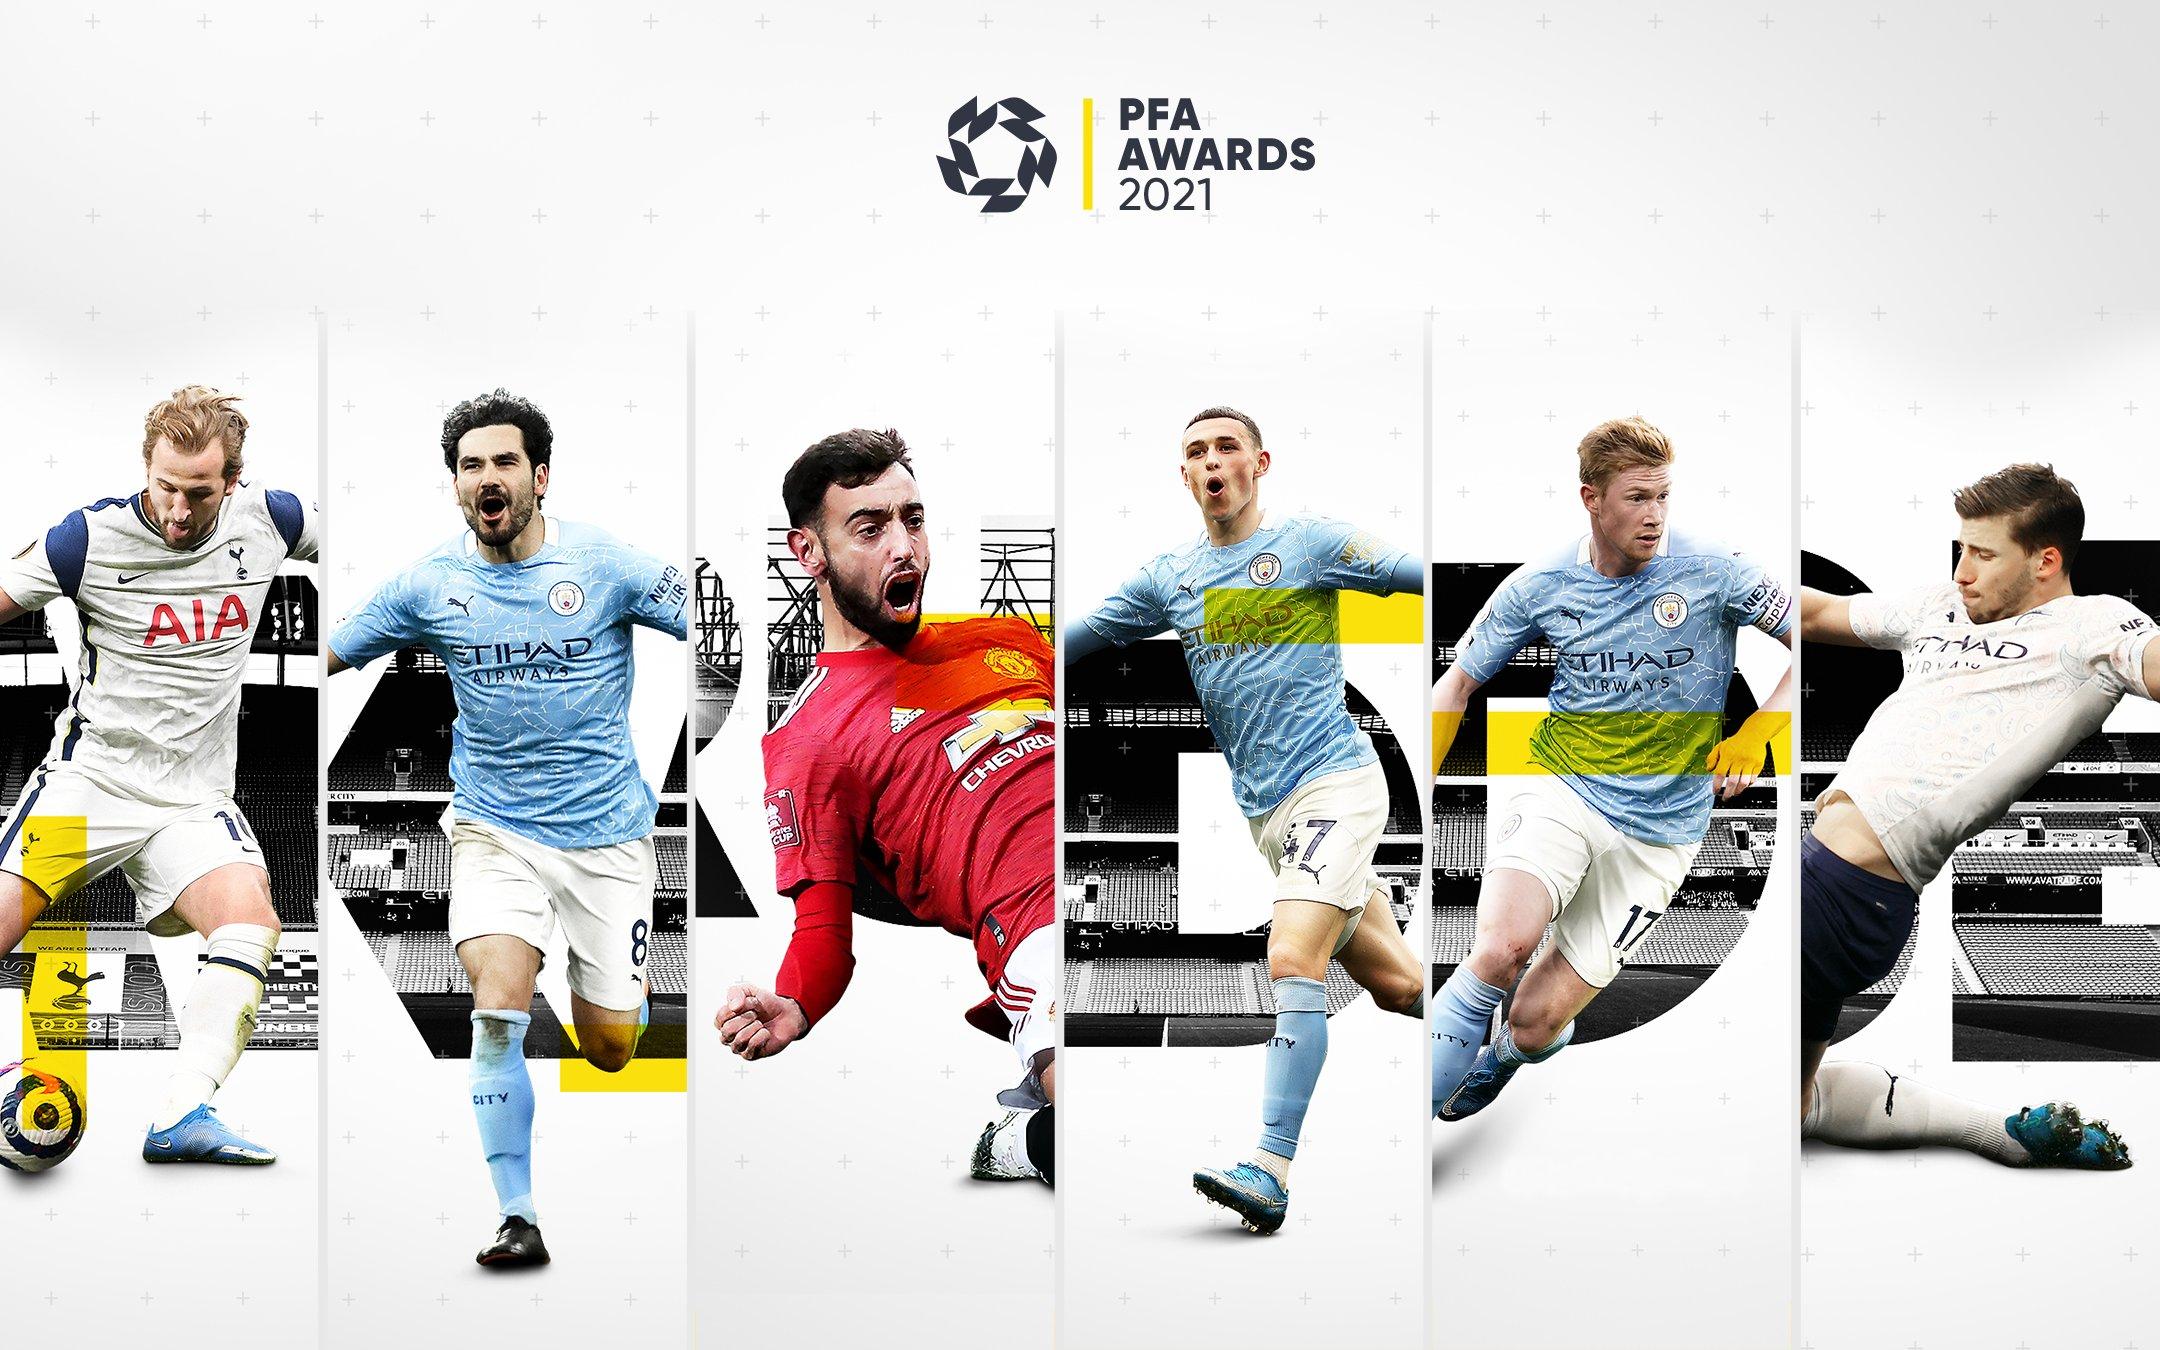 Sáu đề cử Cầu thủ hay nhất mùa. Ảnh: PFA